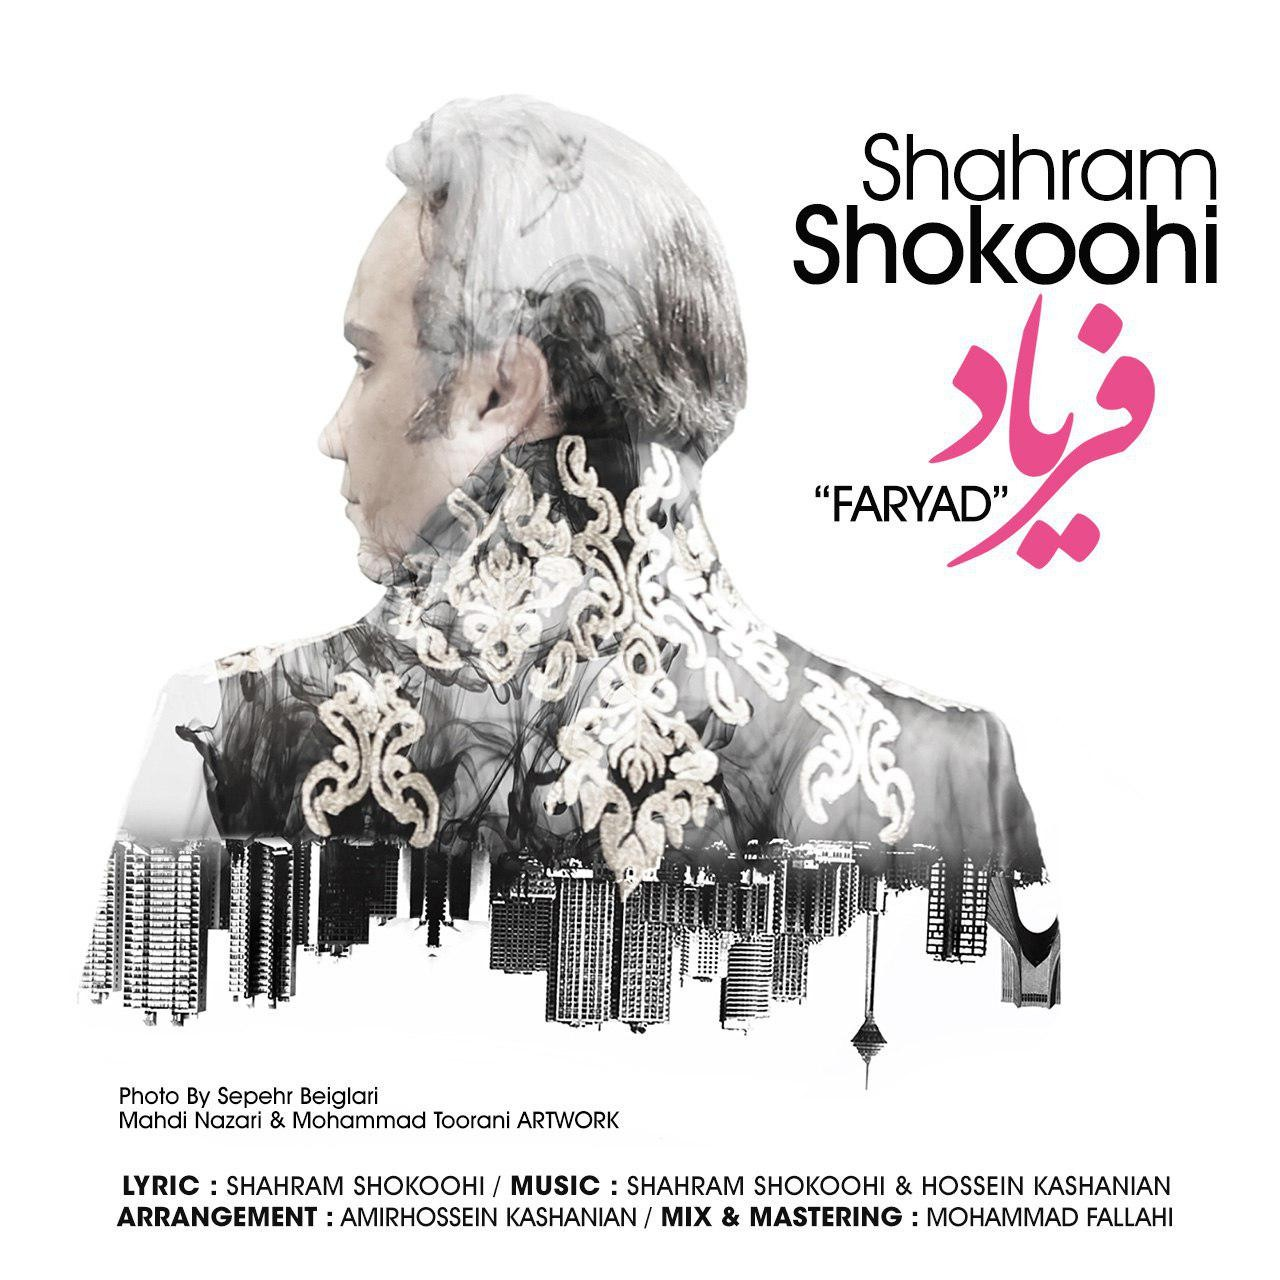 نامبر وان موزیک | دانلود آهنگ جدید Shahram-Shokoohi-Faryad